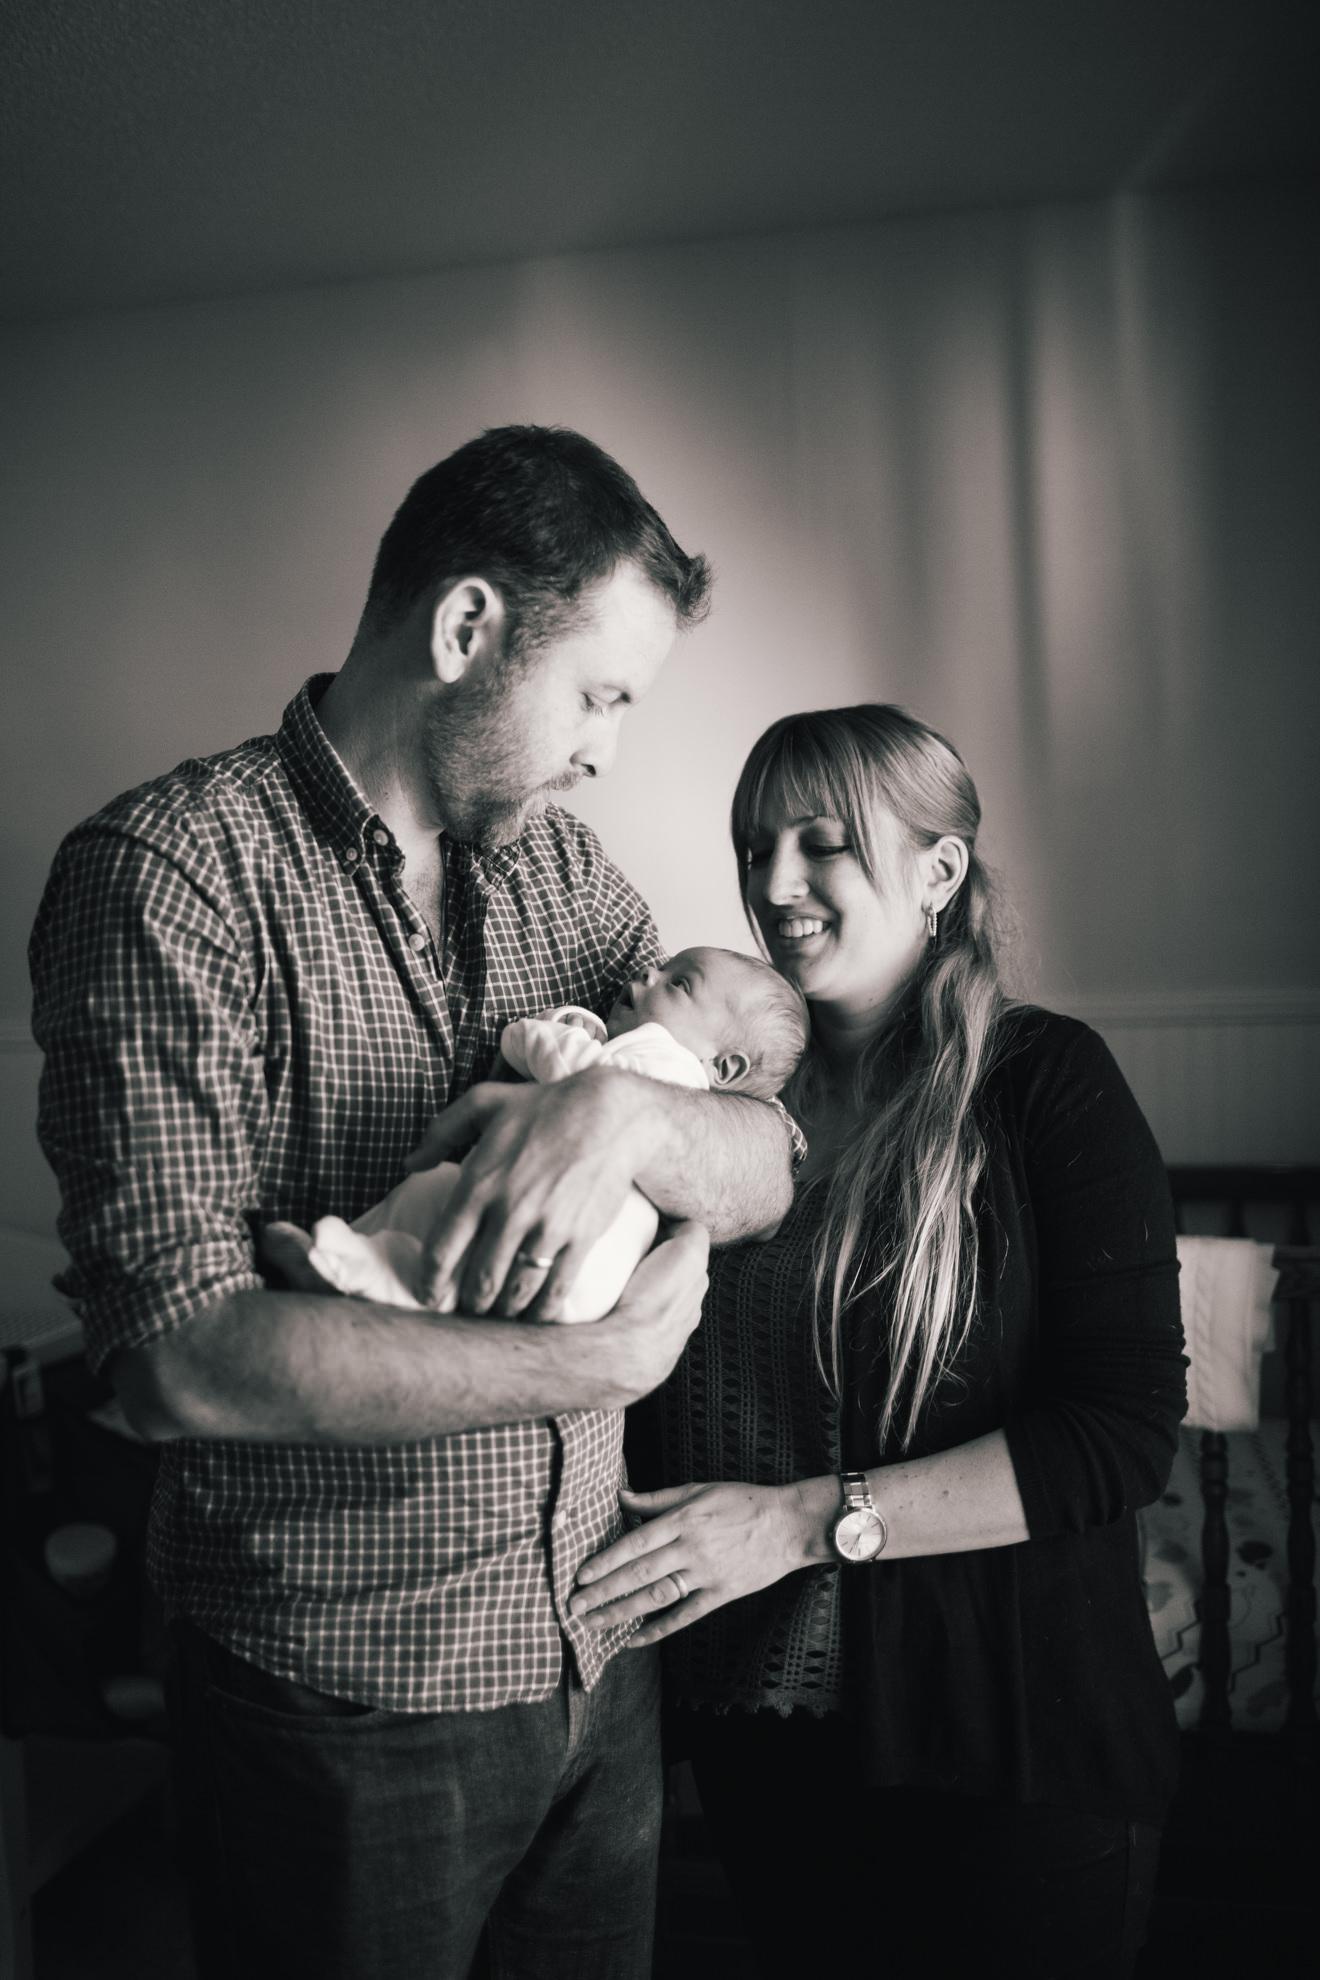 charleston-family-newborn-lifestyle-photographer-26.jpg